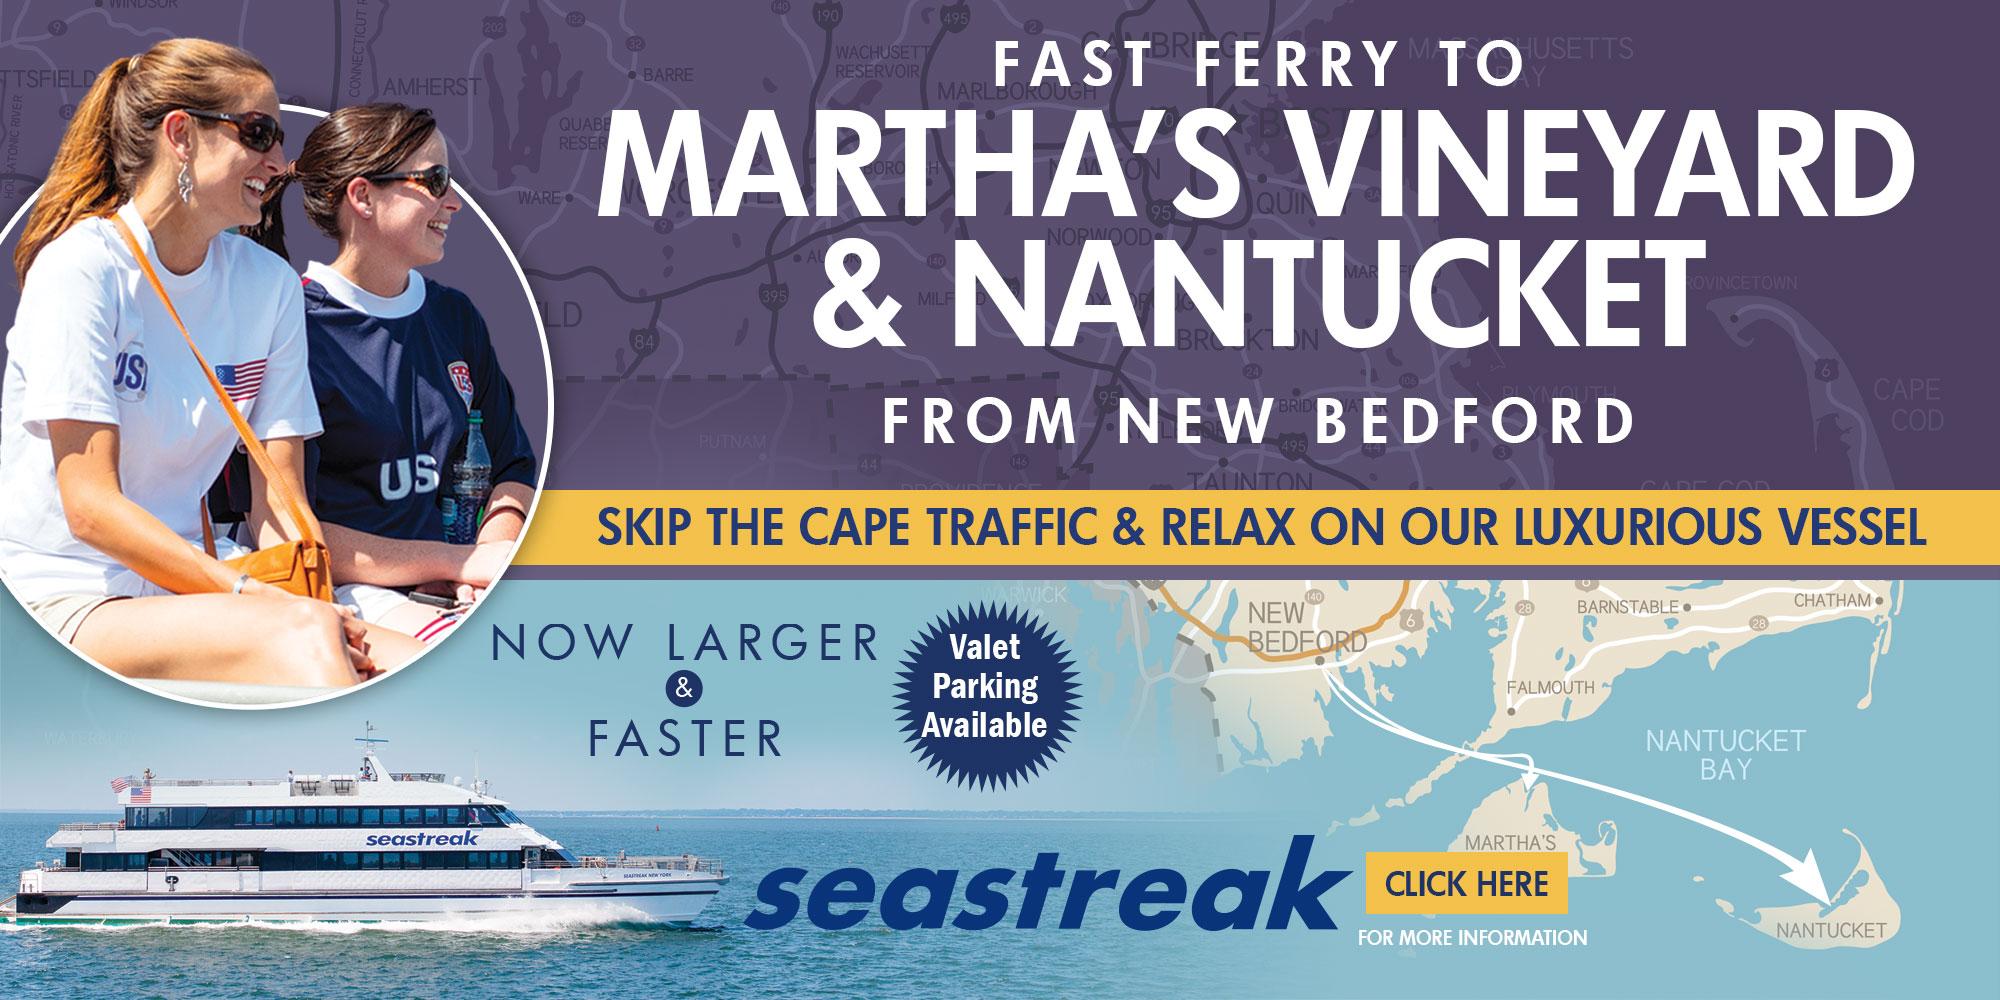 seastreak line photo